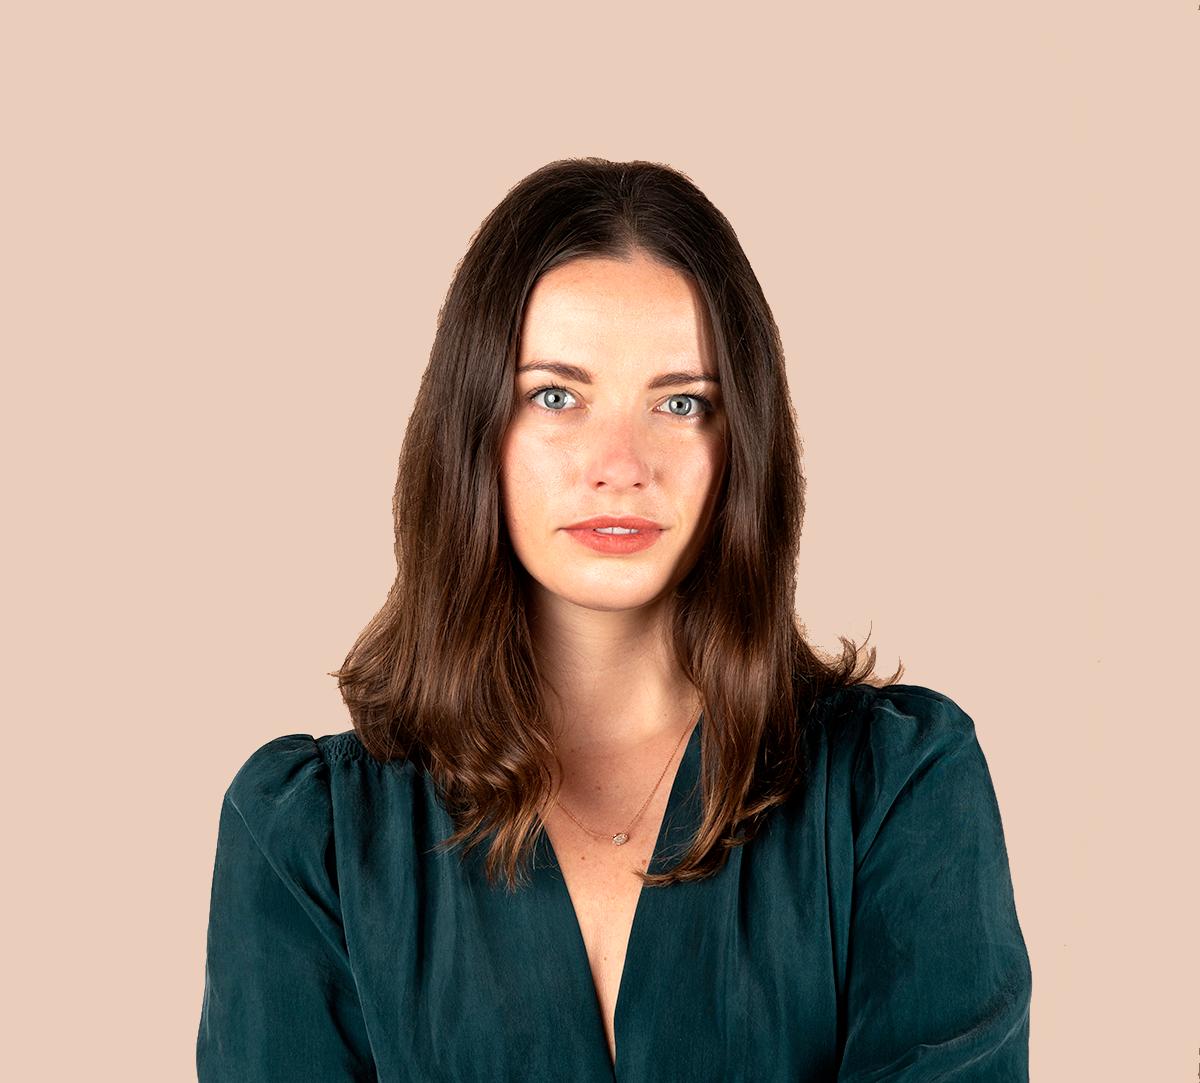 Kristen Winzent